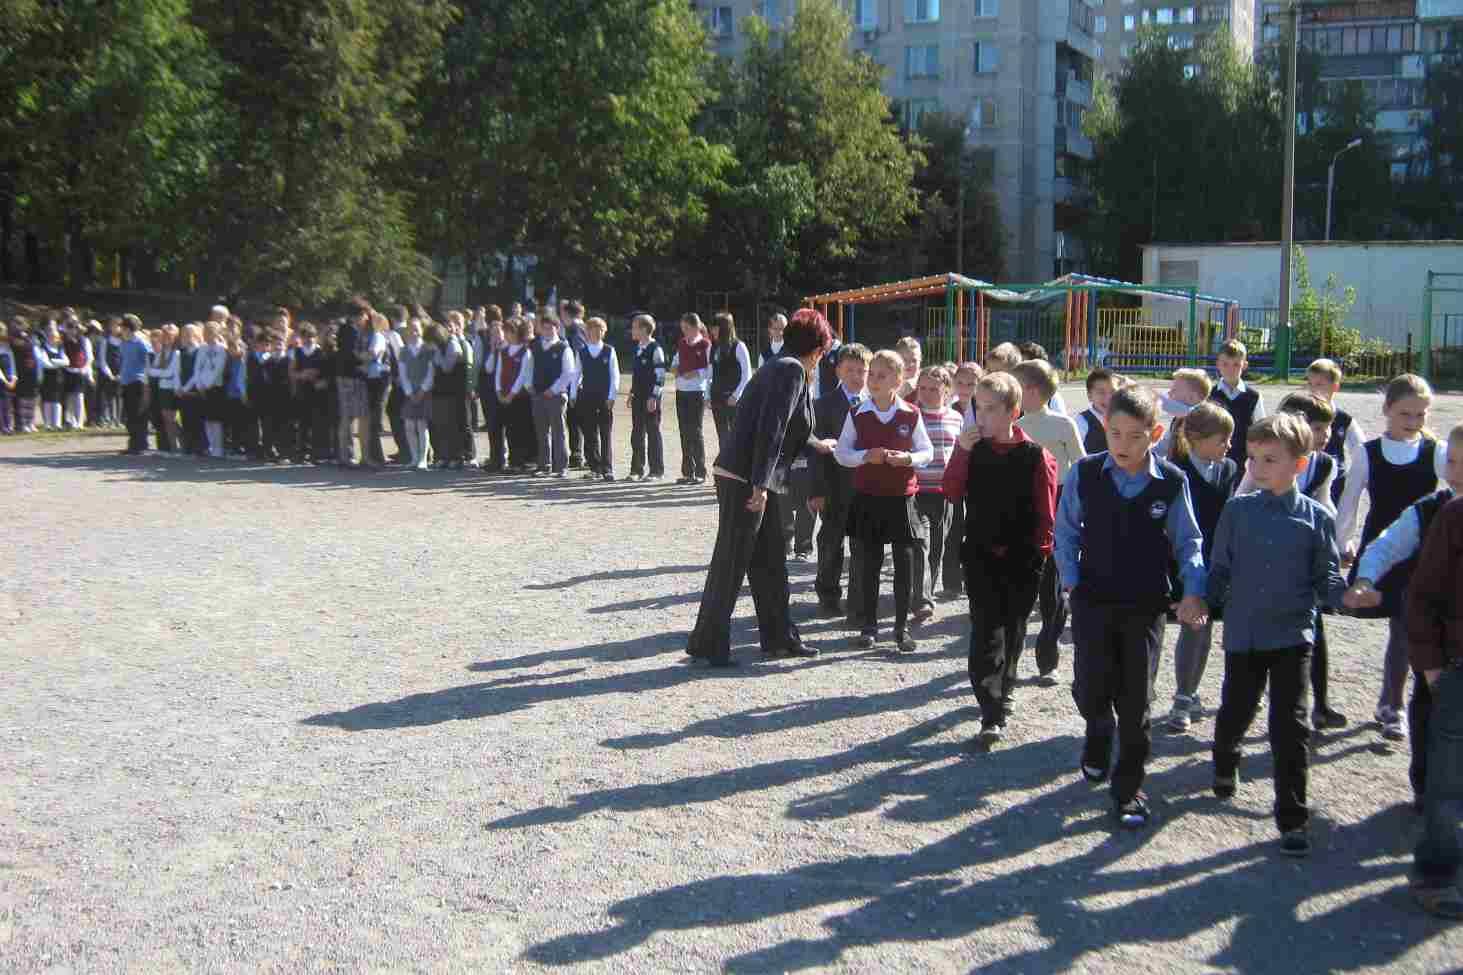 mchs-v-sentyabre-provedet-trenirovki-po-evakuatsii-vo-vseh-shkolah